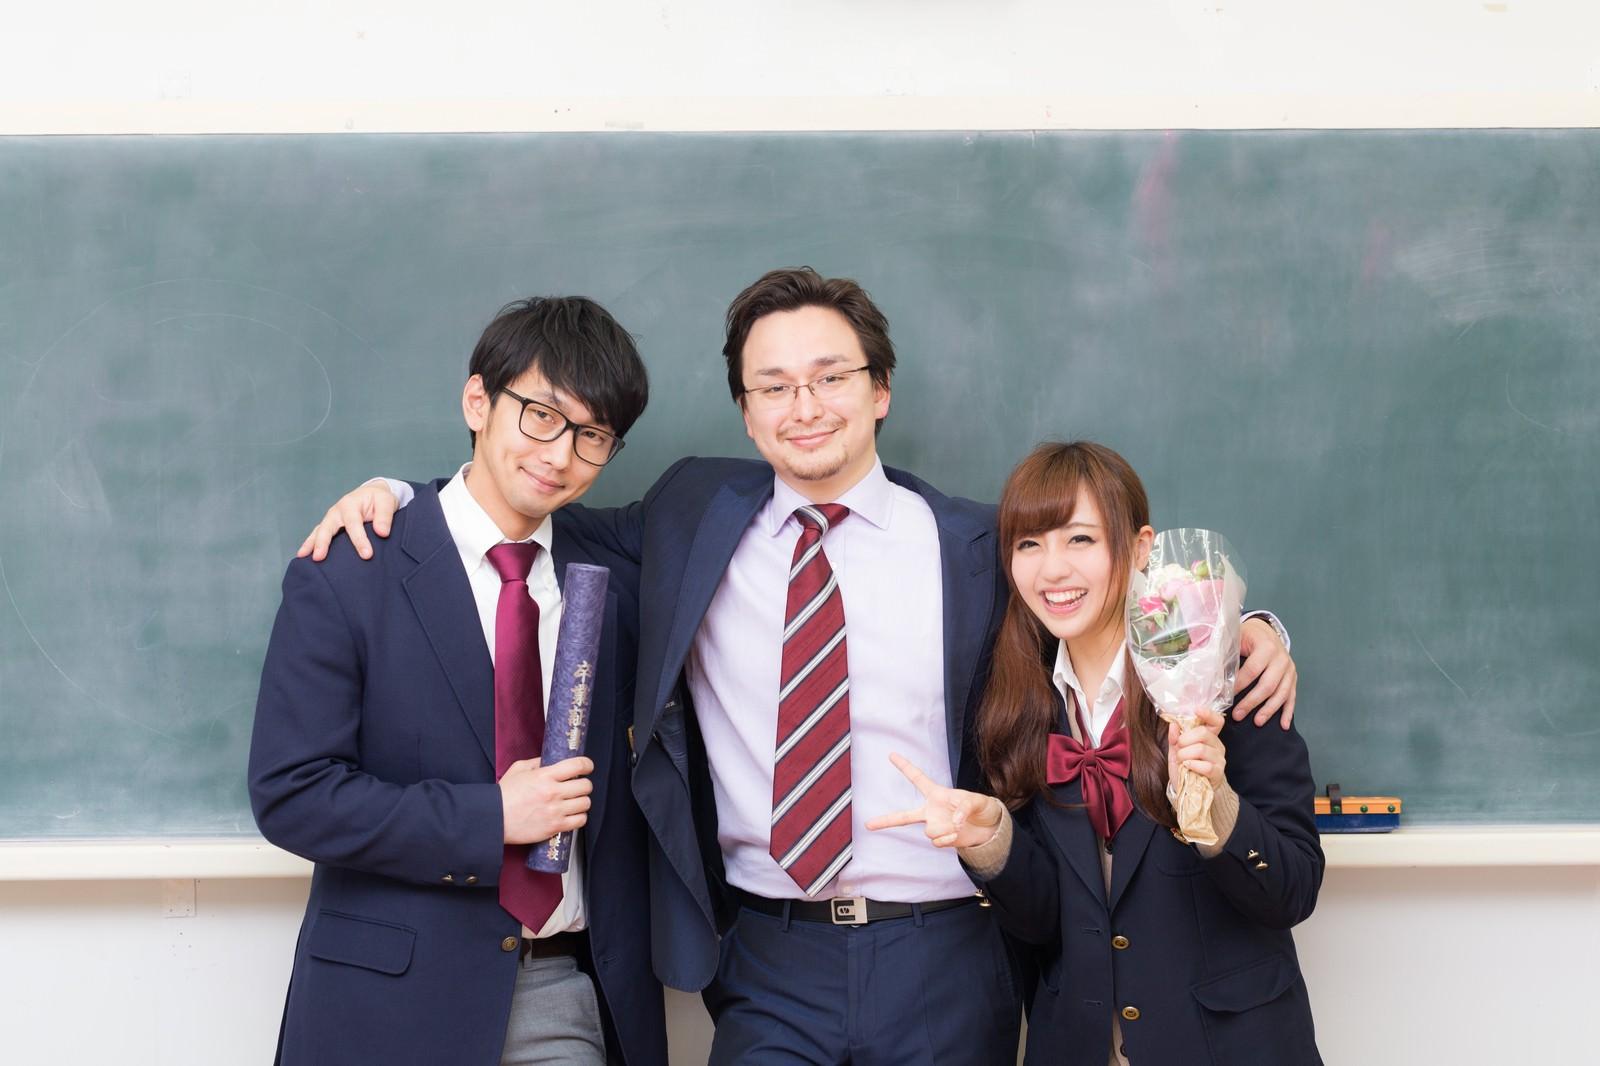 「教え子の卒業を見届け感無量の担任教師」[モデル:Max_Ezaki 大川竜弥 河村友歌]